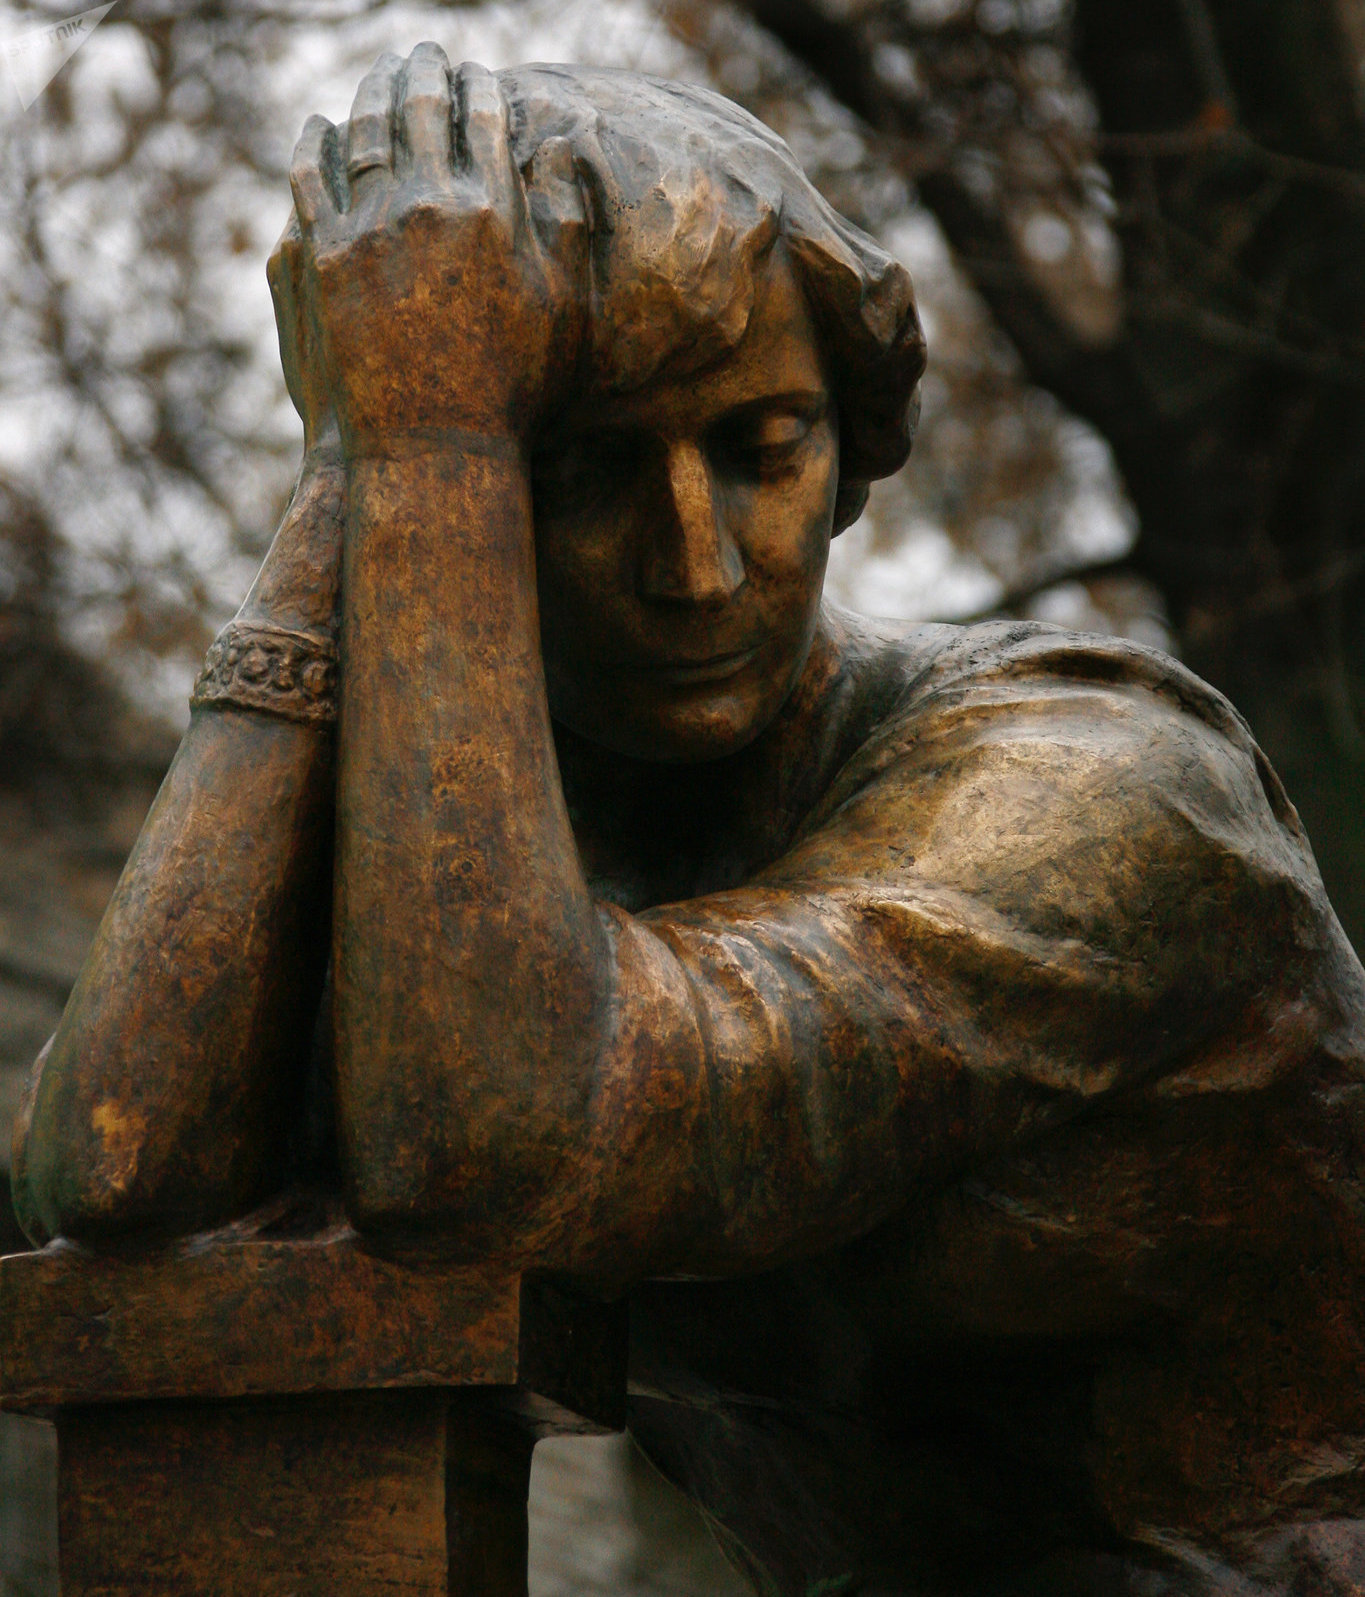 Памятник Марине Цветаевой в Борисоглебском переулке Москвы, напротив дома-музея поэтессы